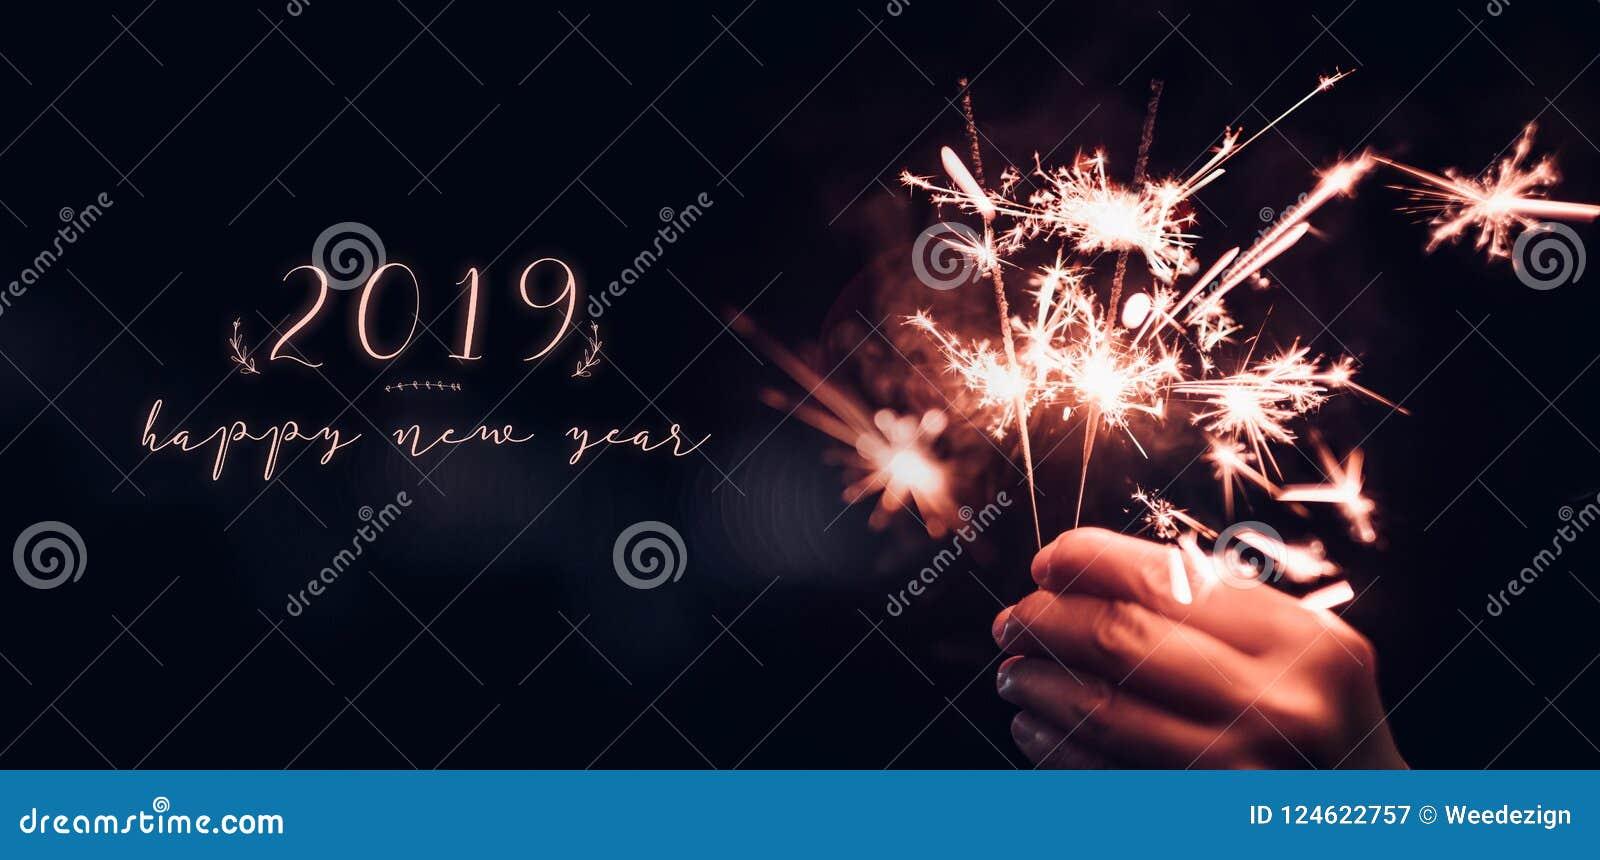 Вручите держать горящий взрыв бенгальского огня с счастливым Новым Годом 2019 дальше